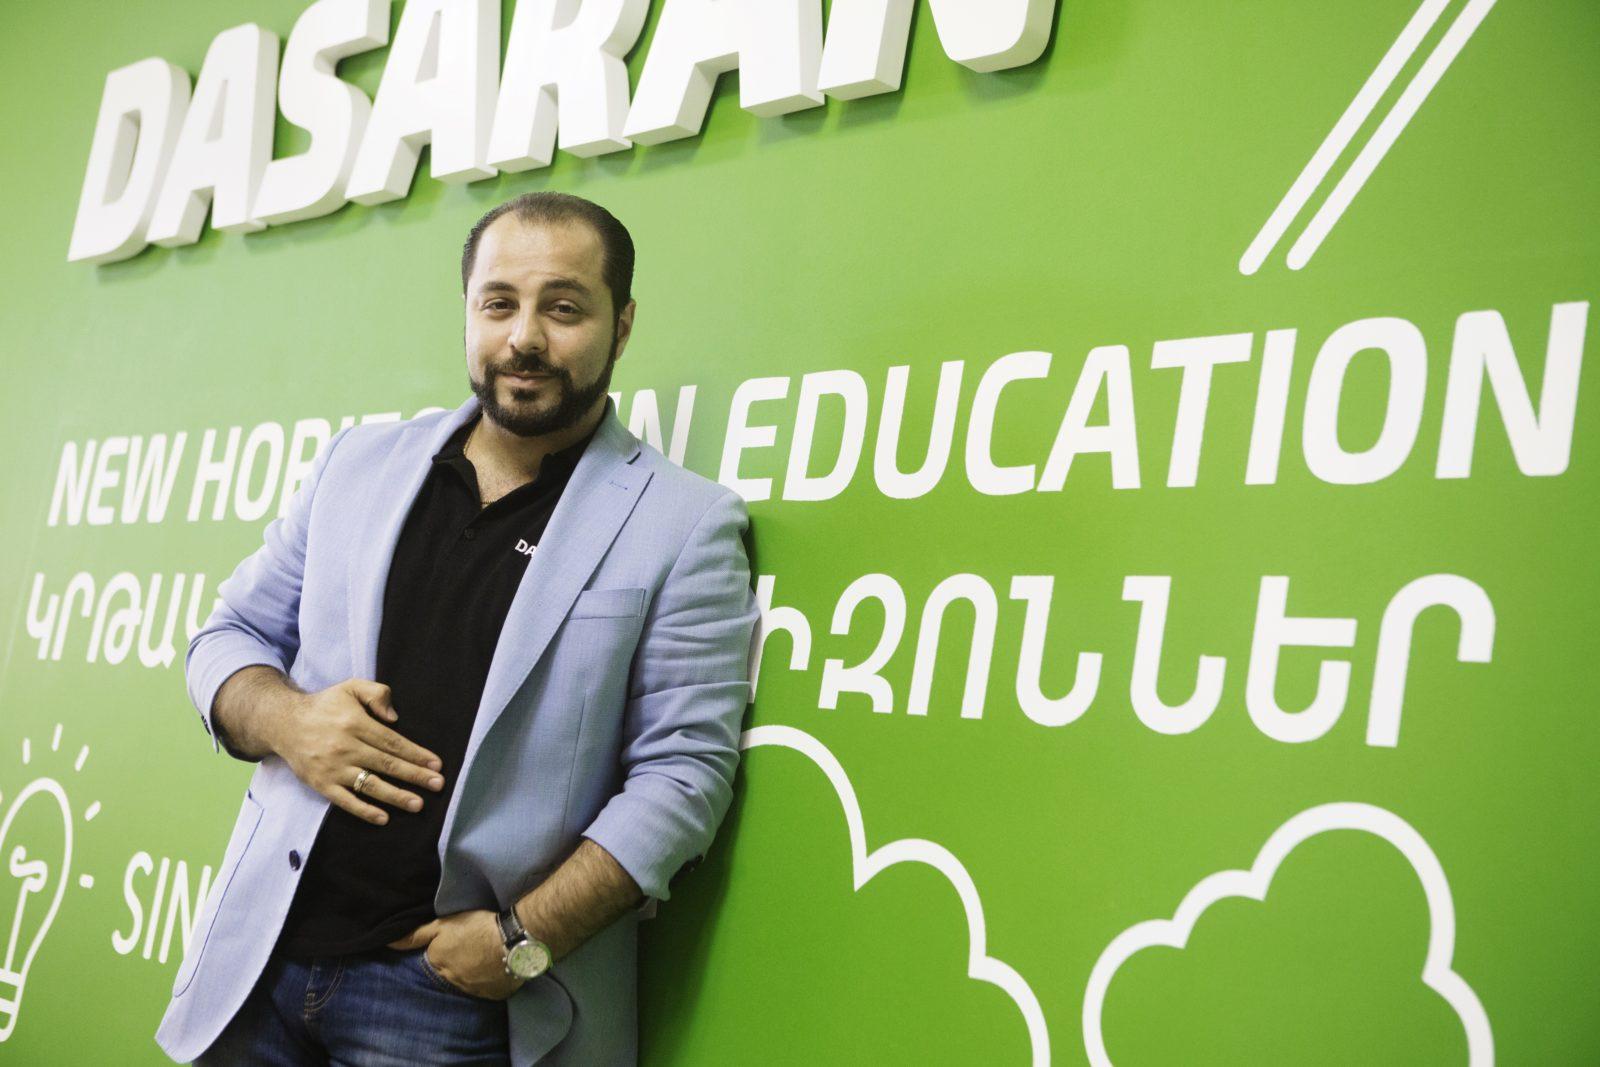 Dasaran-ի մարքեթինգային քայլերը, որոնք բերել են հեղինակություն և ճանաչում. Սուրեն Ալոյան